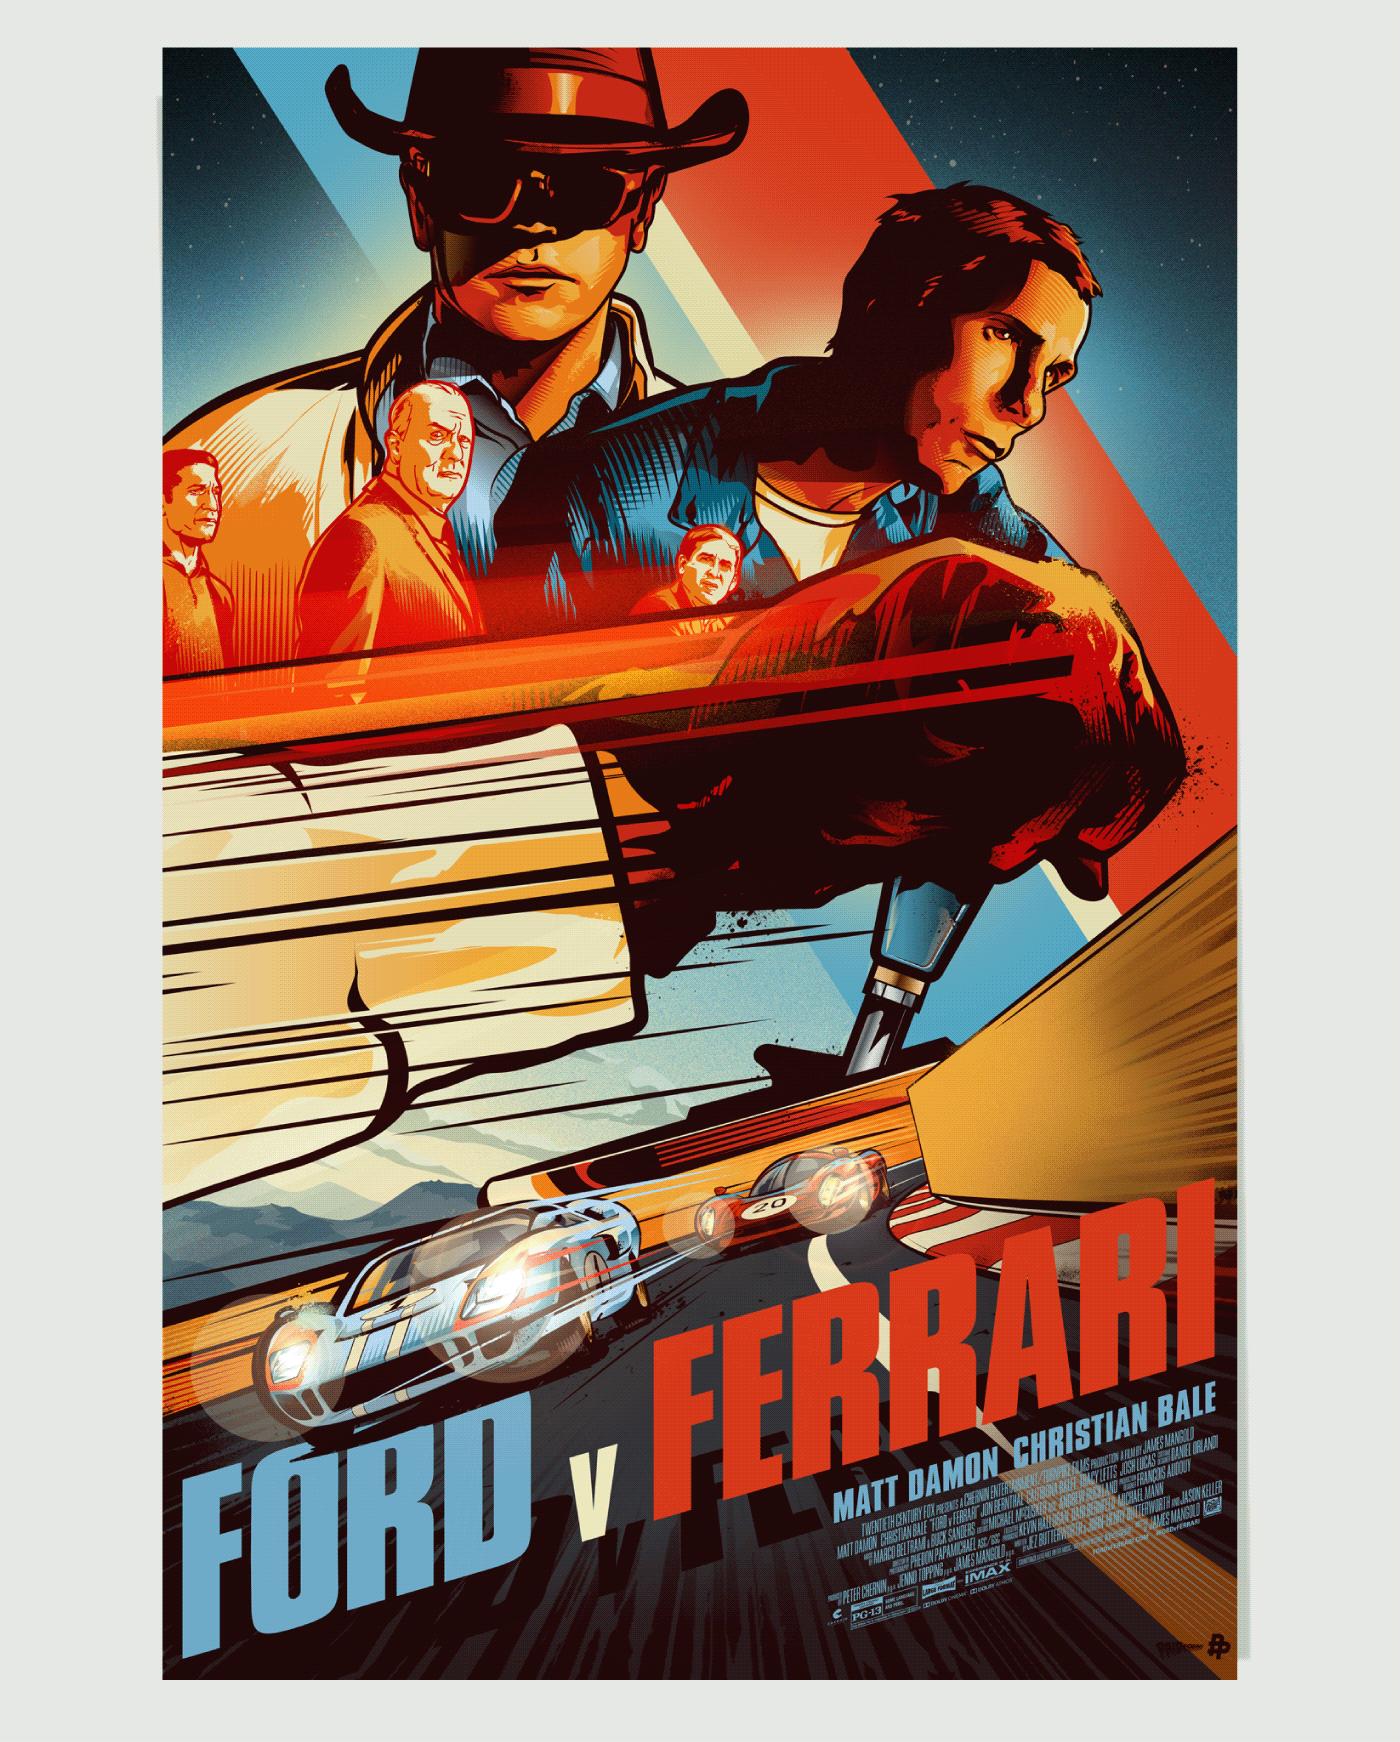 Ford V Ferrari Poster Art On Behance